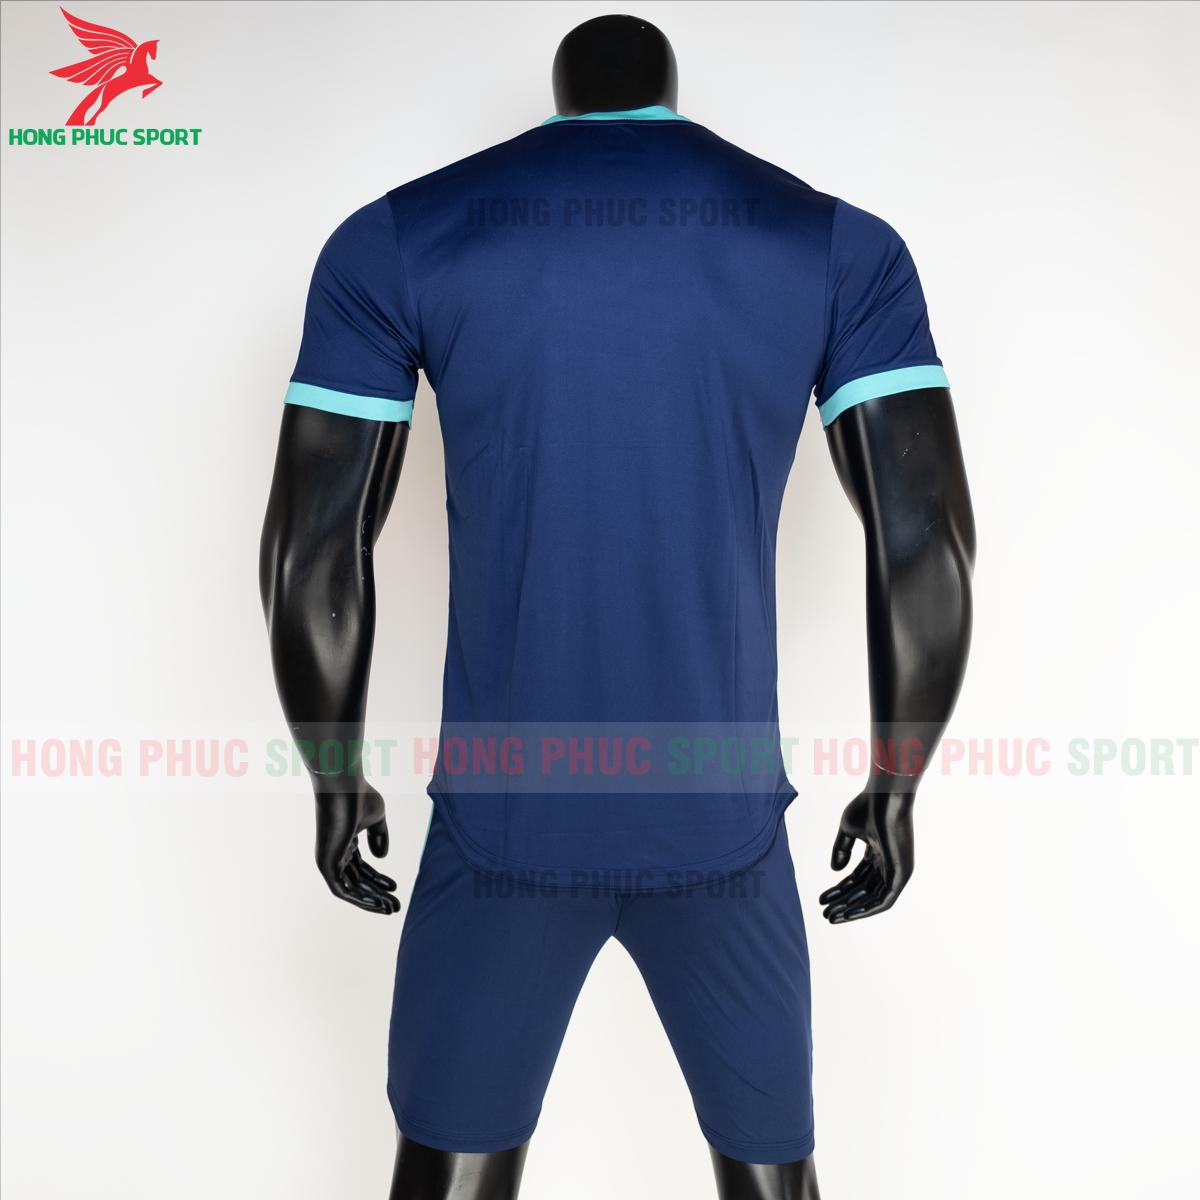 https://cdn.hongphucsport.com/unsafe/s4.shopbay.vn/files/285/ao-bong-da-khong-logo-riki-furior-mau-xanh-duong-8-60501926e7cc2.png